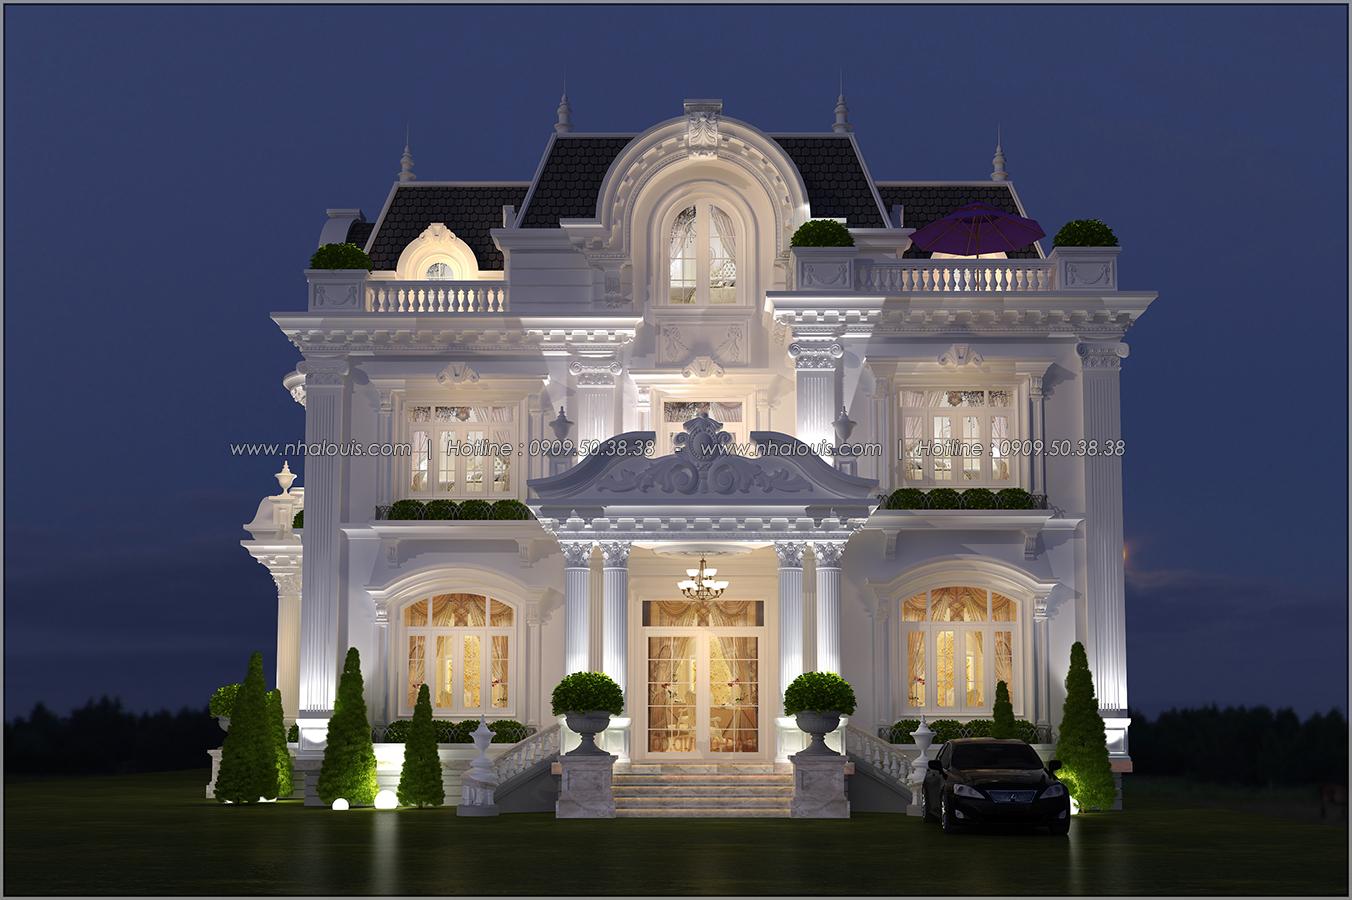 Biệt thự 3 tầng kiểu Pháp hoành tráng tại Biên Hòa đầy mê hoặc - 01